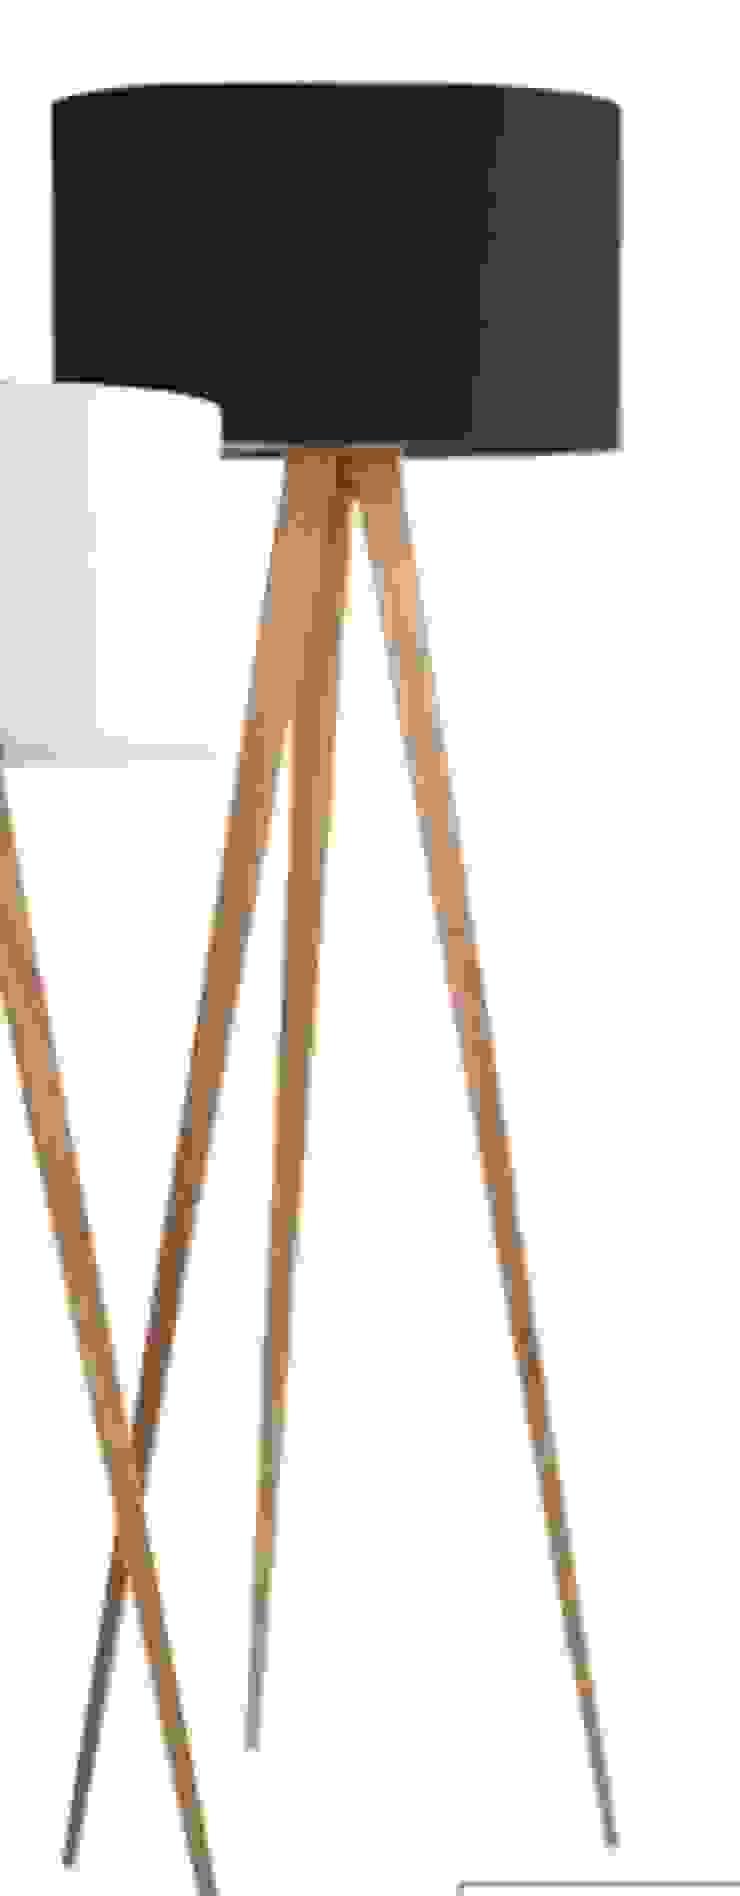 Lampara de madera de pie de Casada Health & Beauty Moderno